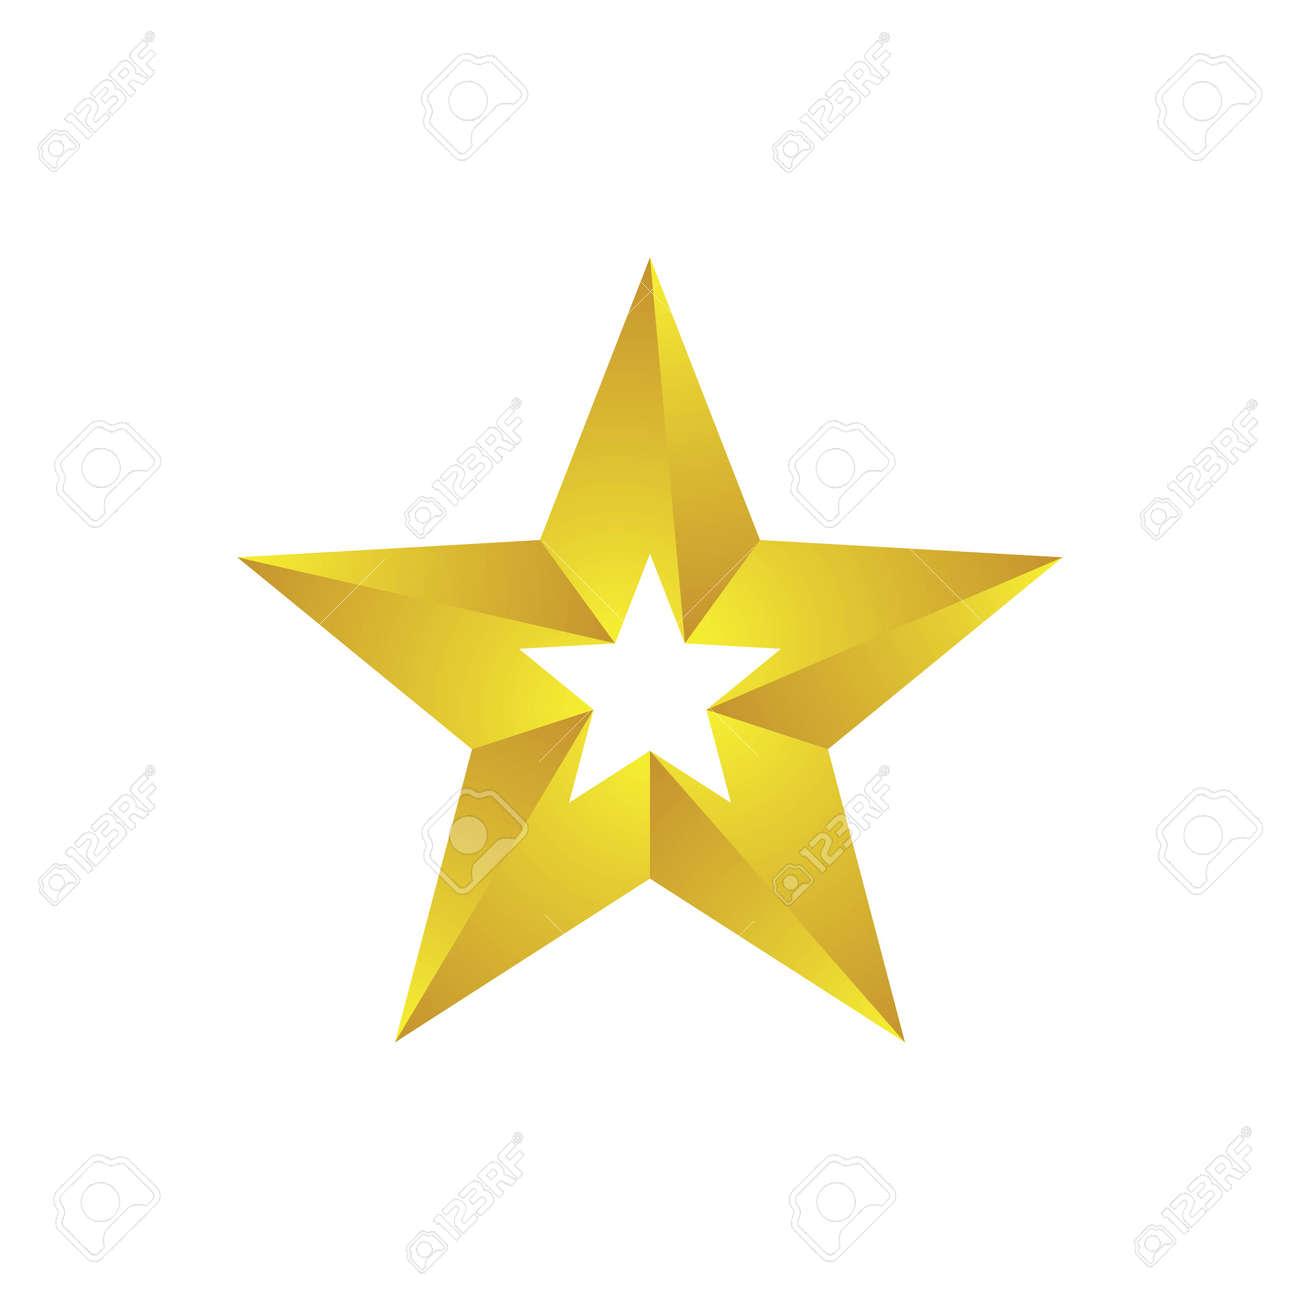 Star logo images illustration design - 171705471